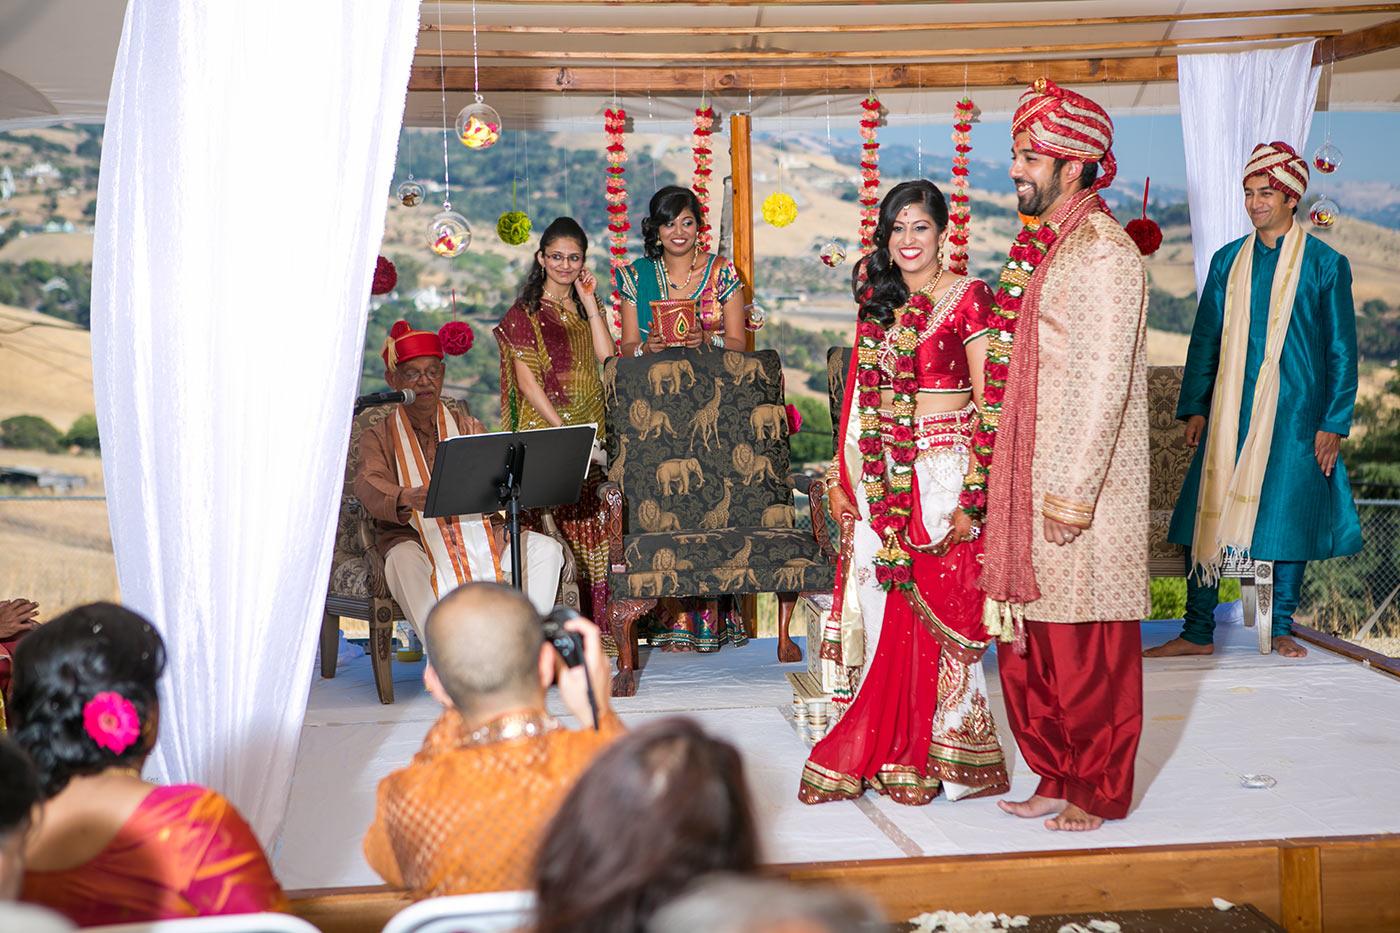 san-jose-indian-wedding-photos-59